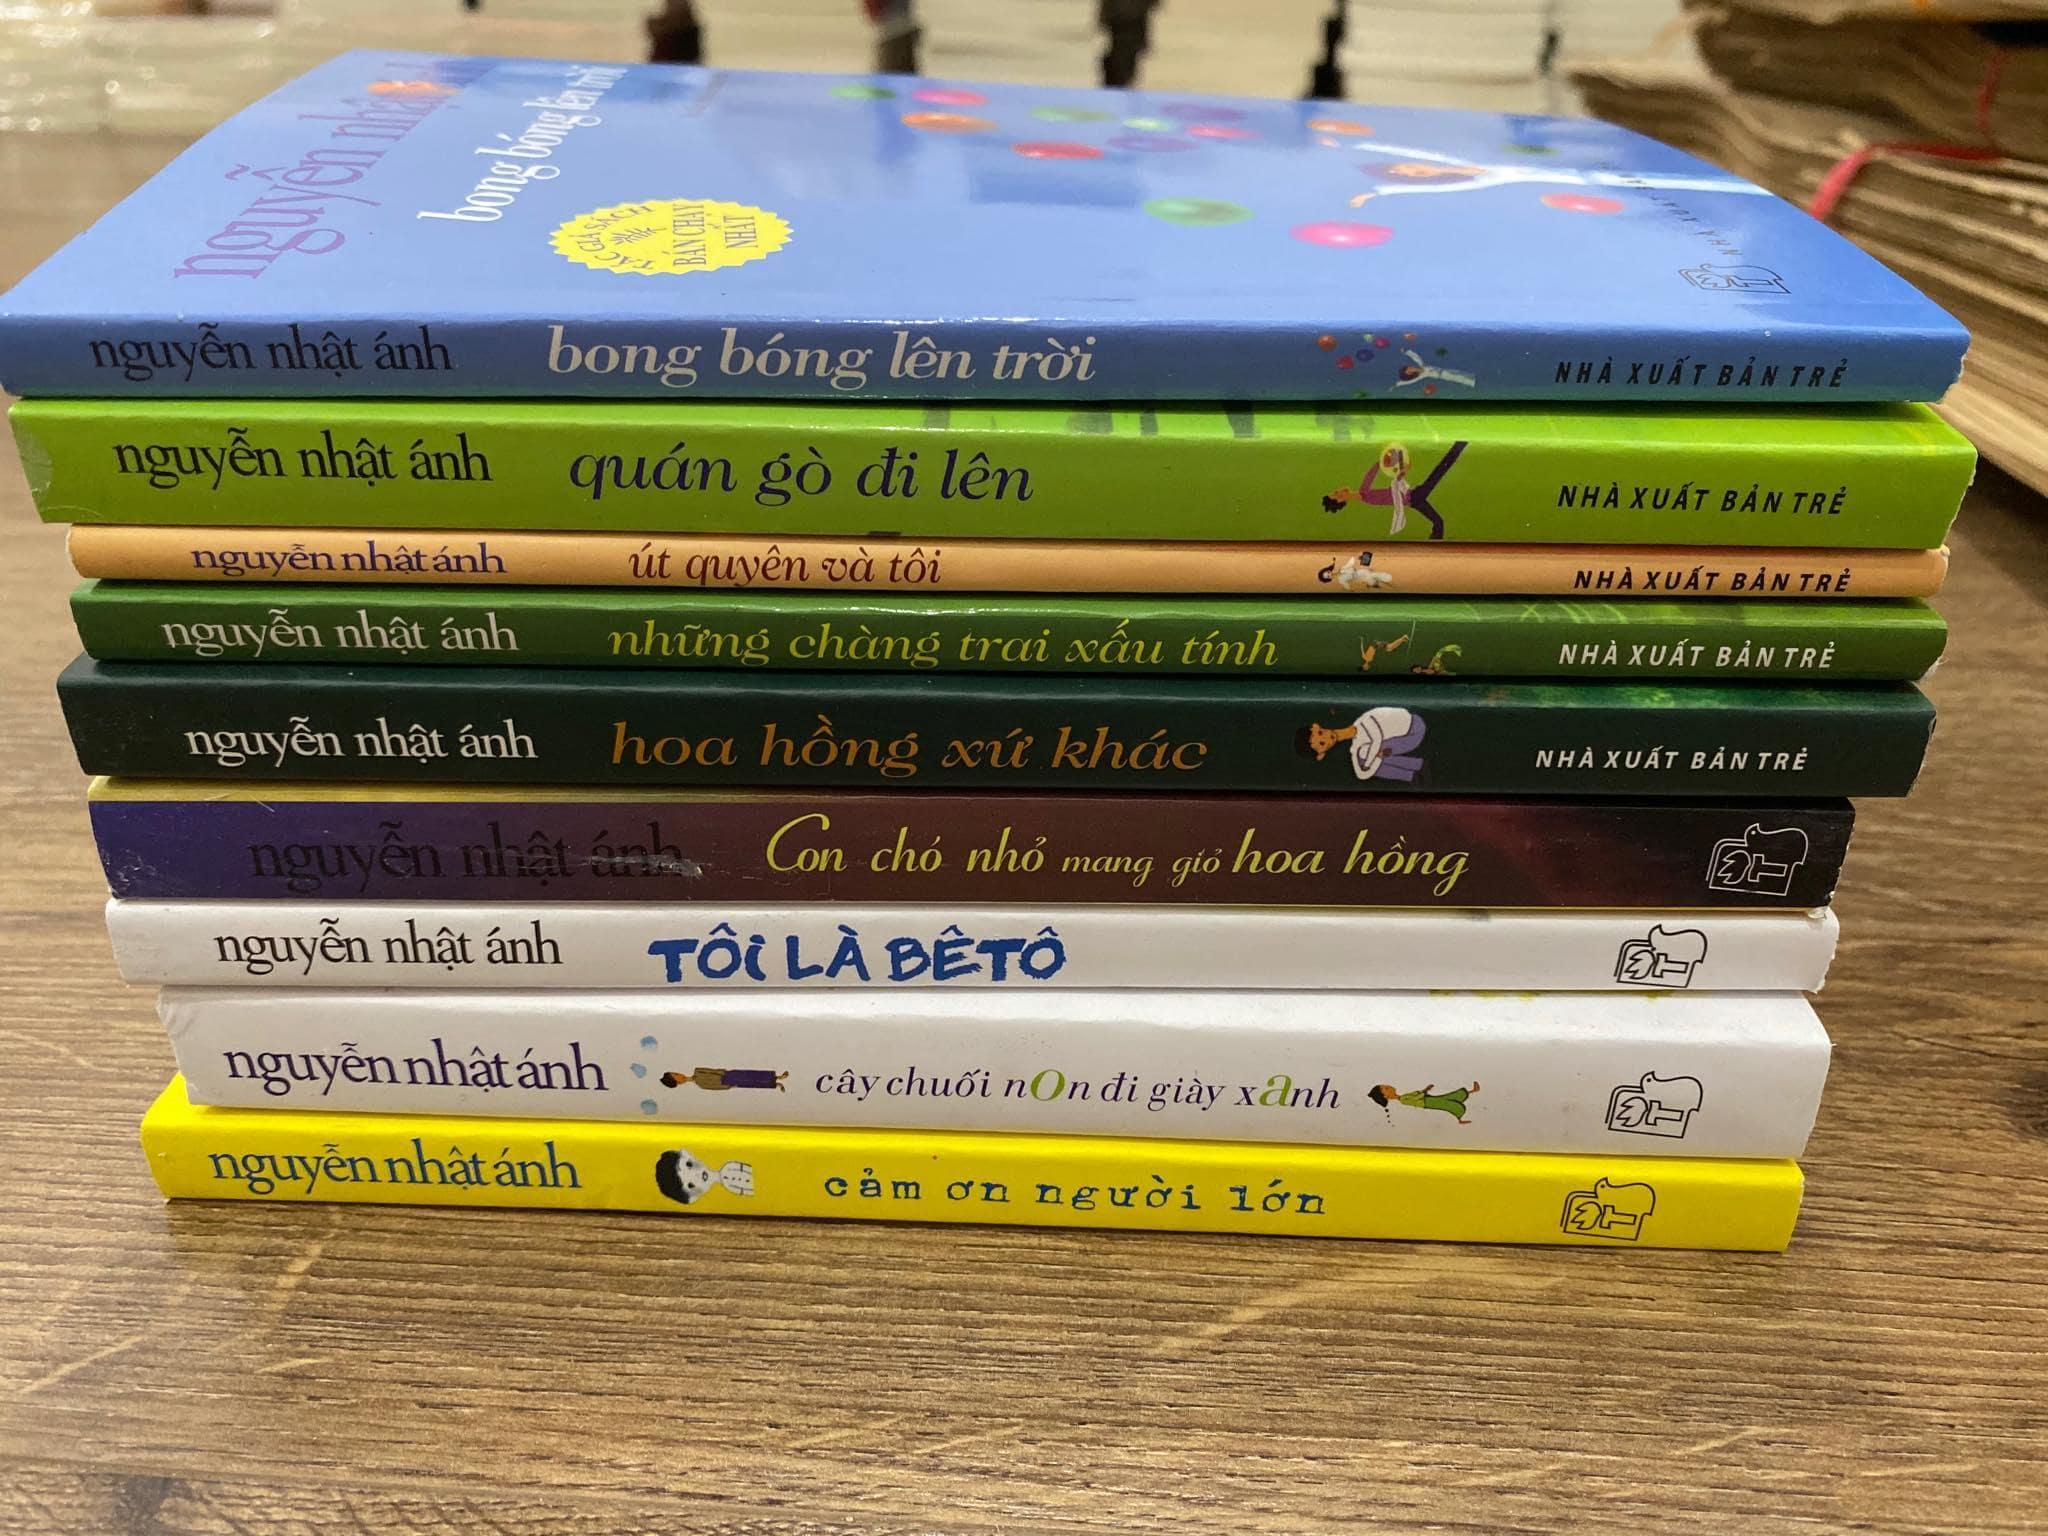 Sách hay của Nguyễn Nhật Ánh